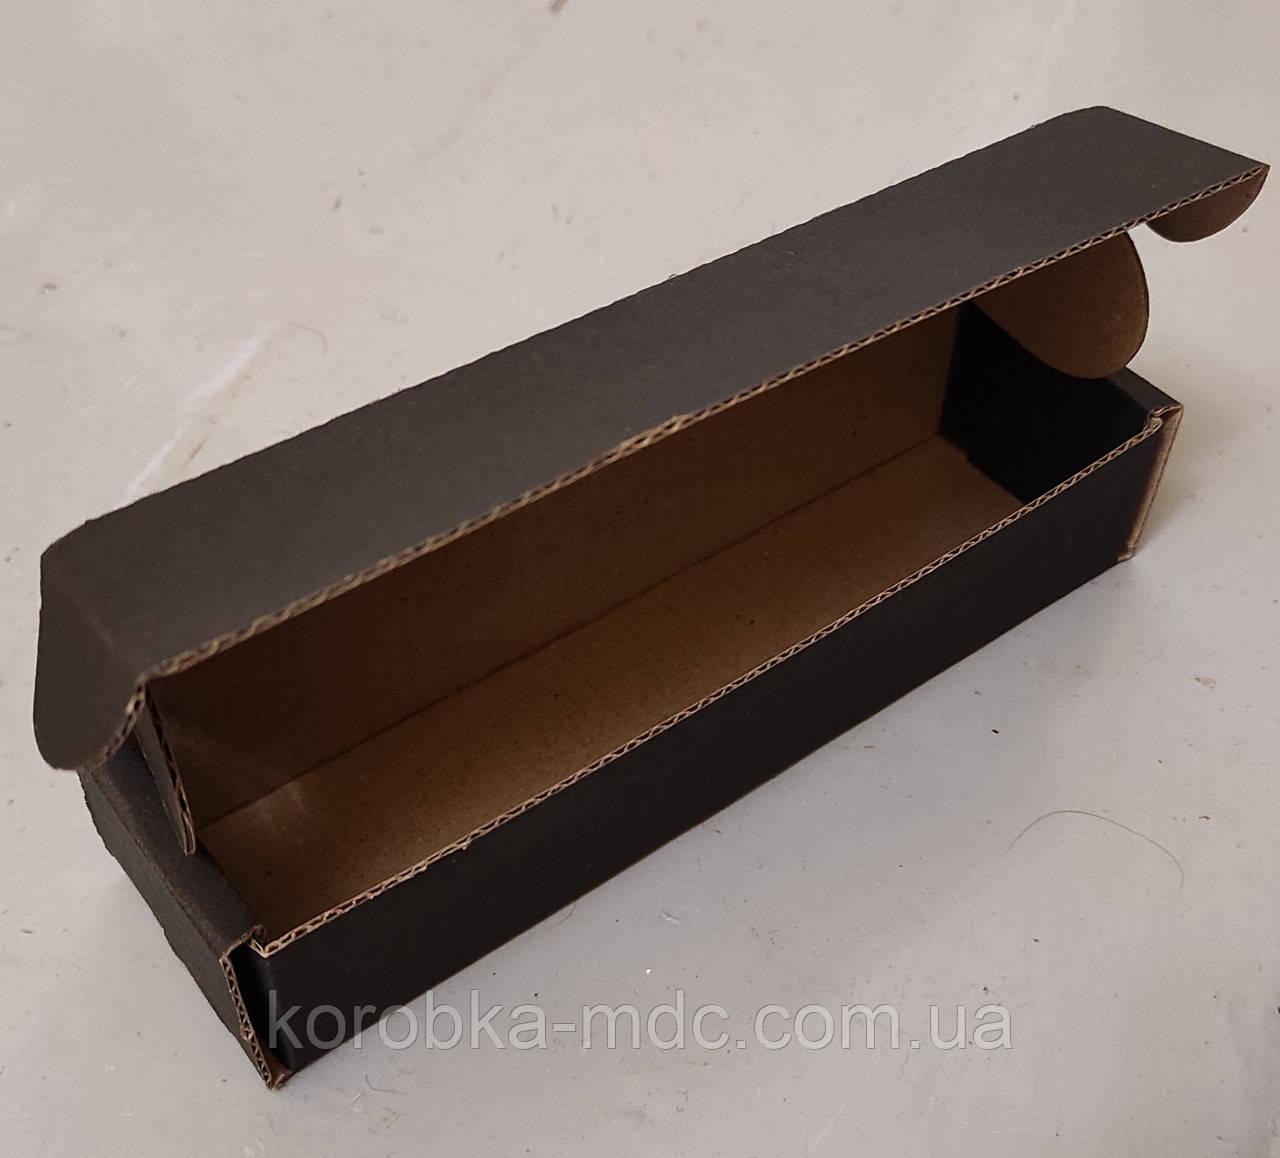 Коробка ЧЕРНО-бурая 152х41х32 пенал